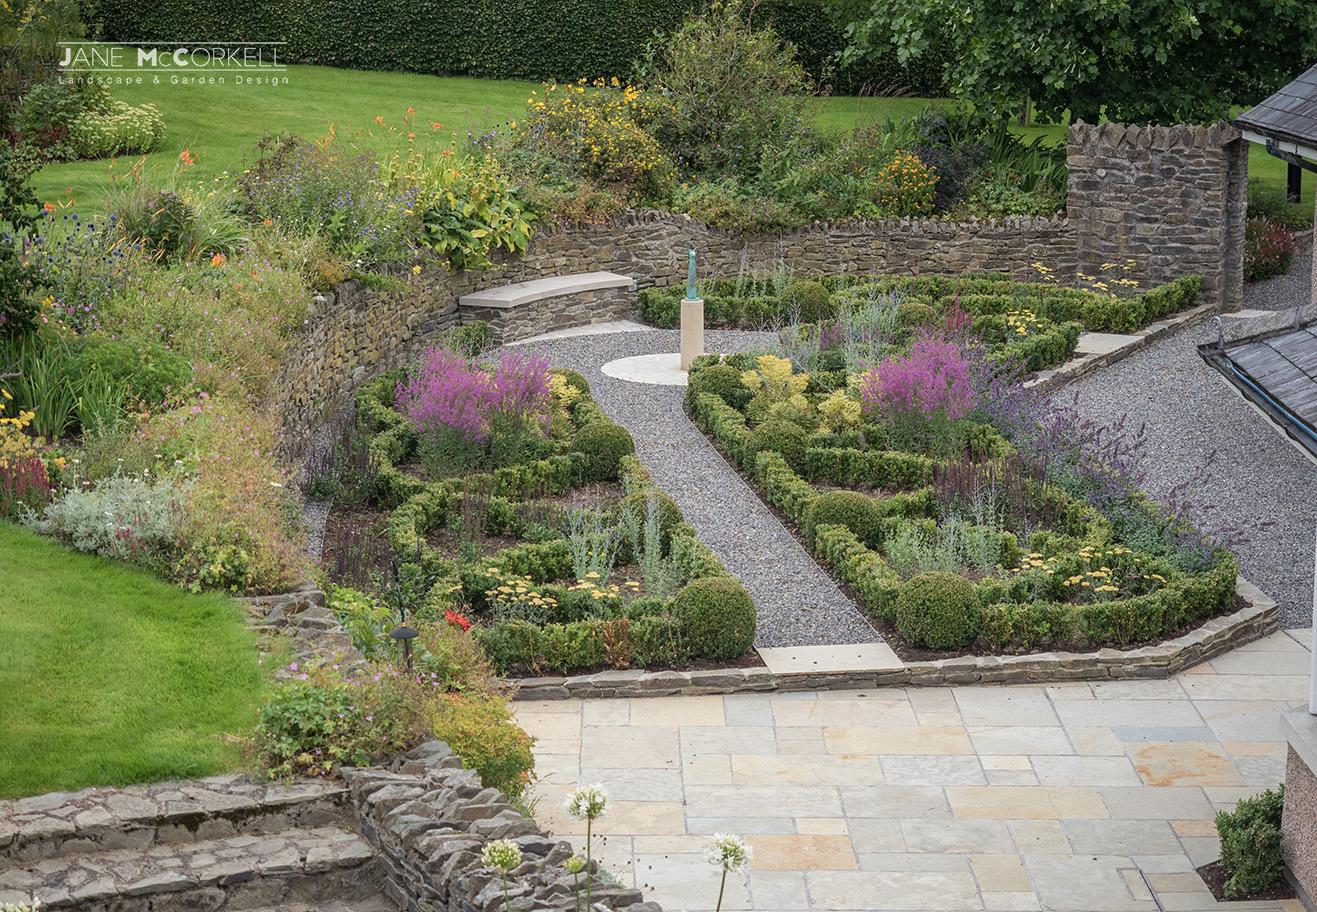 Kildare Garden Jane Mccorkell